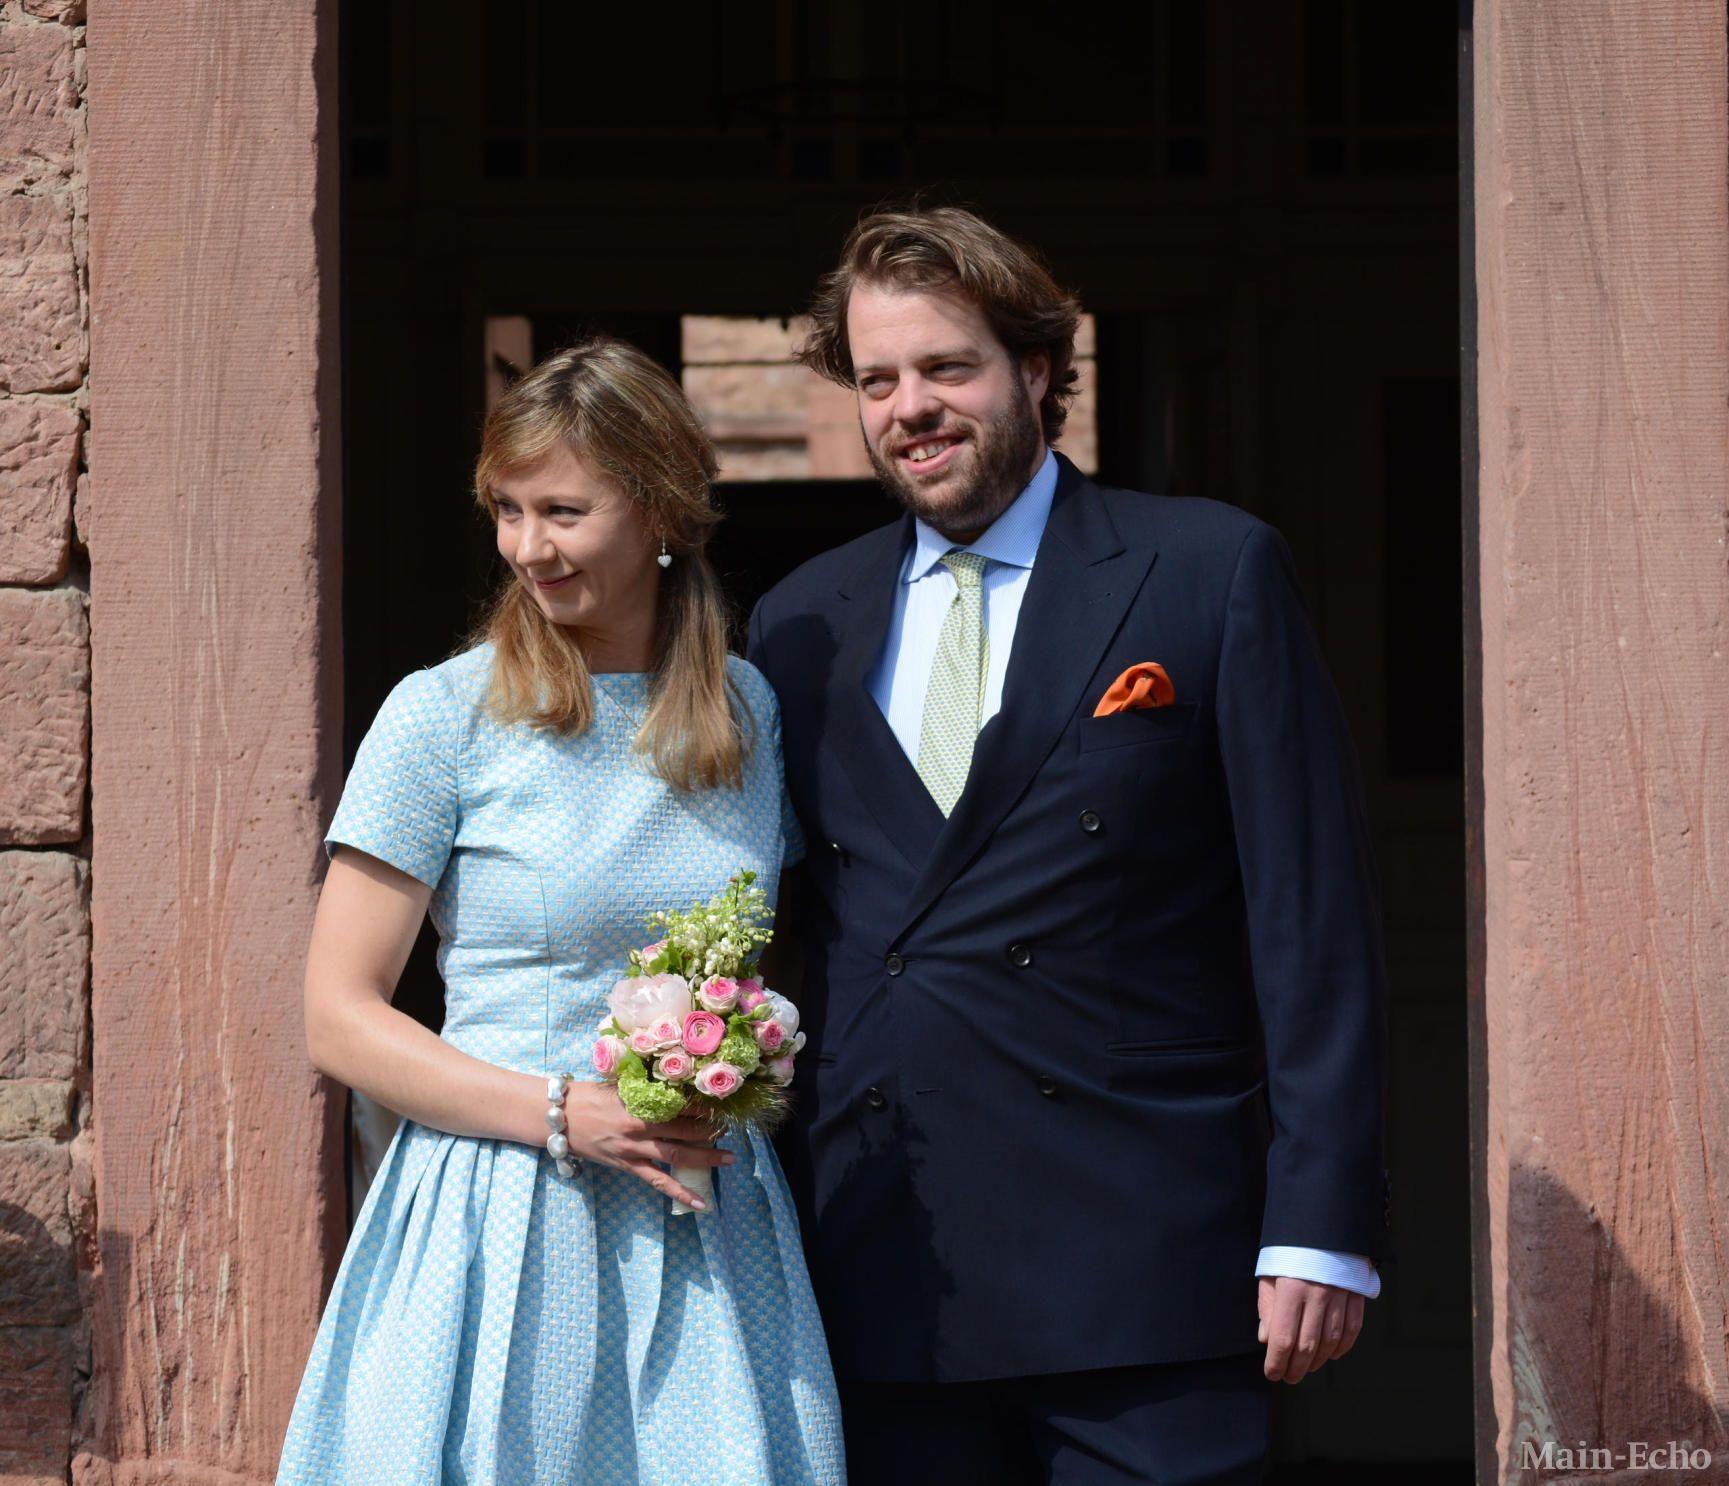 Mariage Civil A Amorbach Du Prince Ferdinand De Leiningen Fils Aine Du Prince Andreas De Leiningen Chef De La Famil Royale Hochzeiten Hochzeit Viktoria Luise